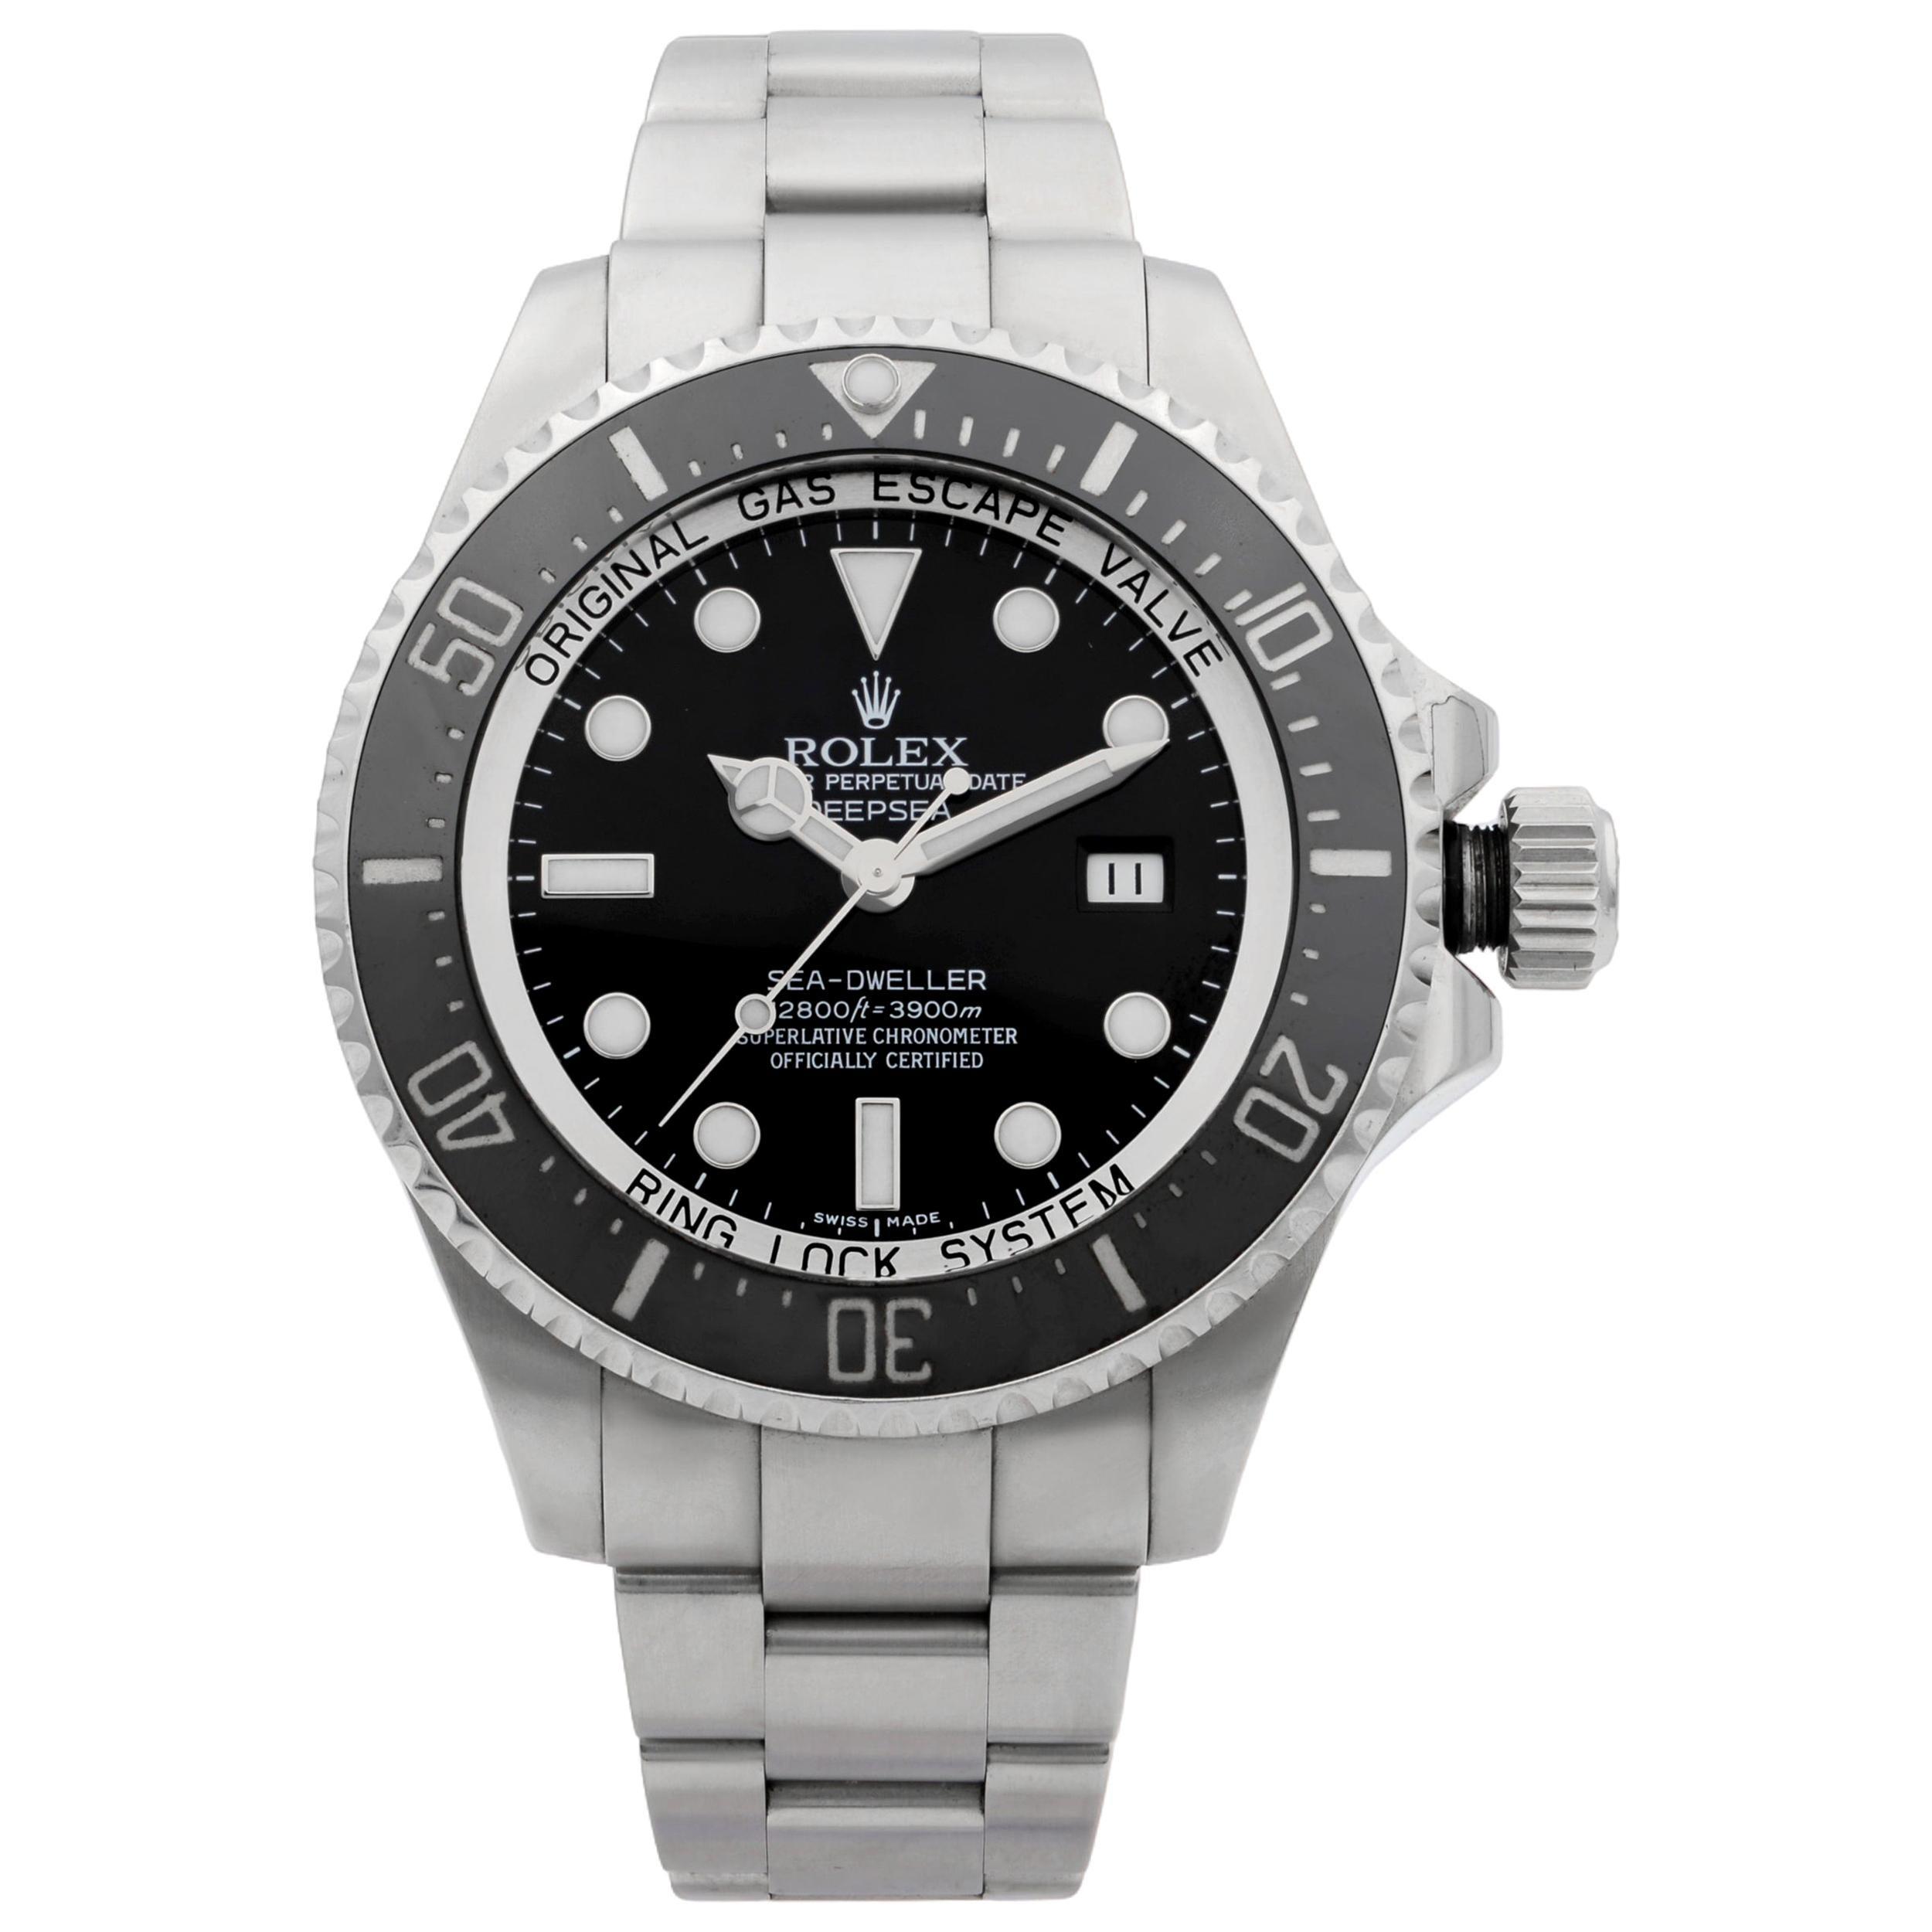 Rolex Deepsea Sea-Dweller Steel Black Dial Automatic Men's Watch 116660